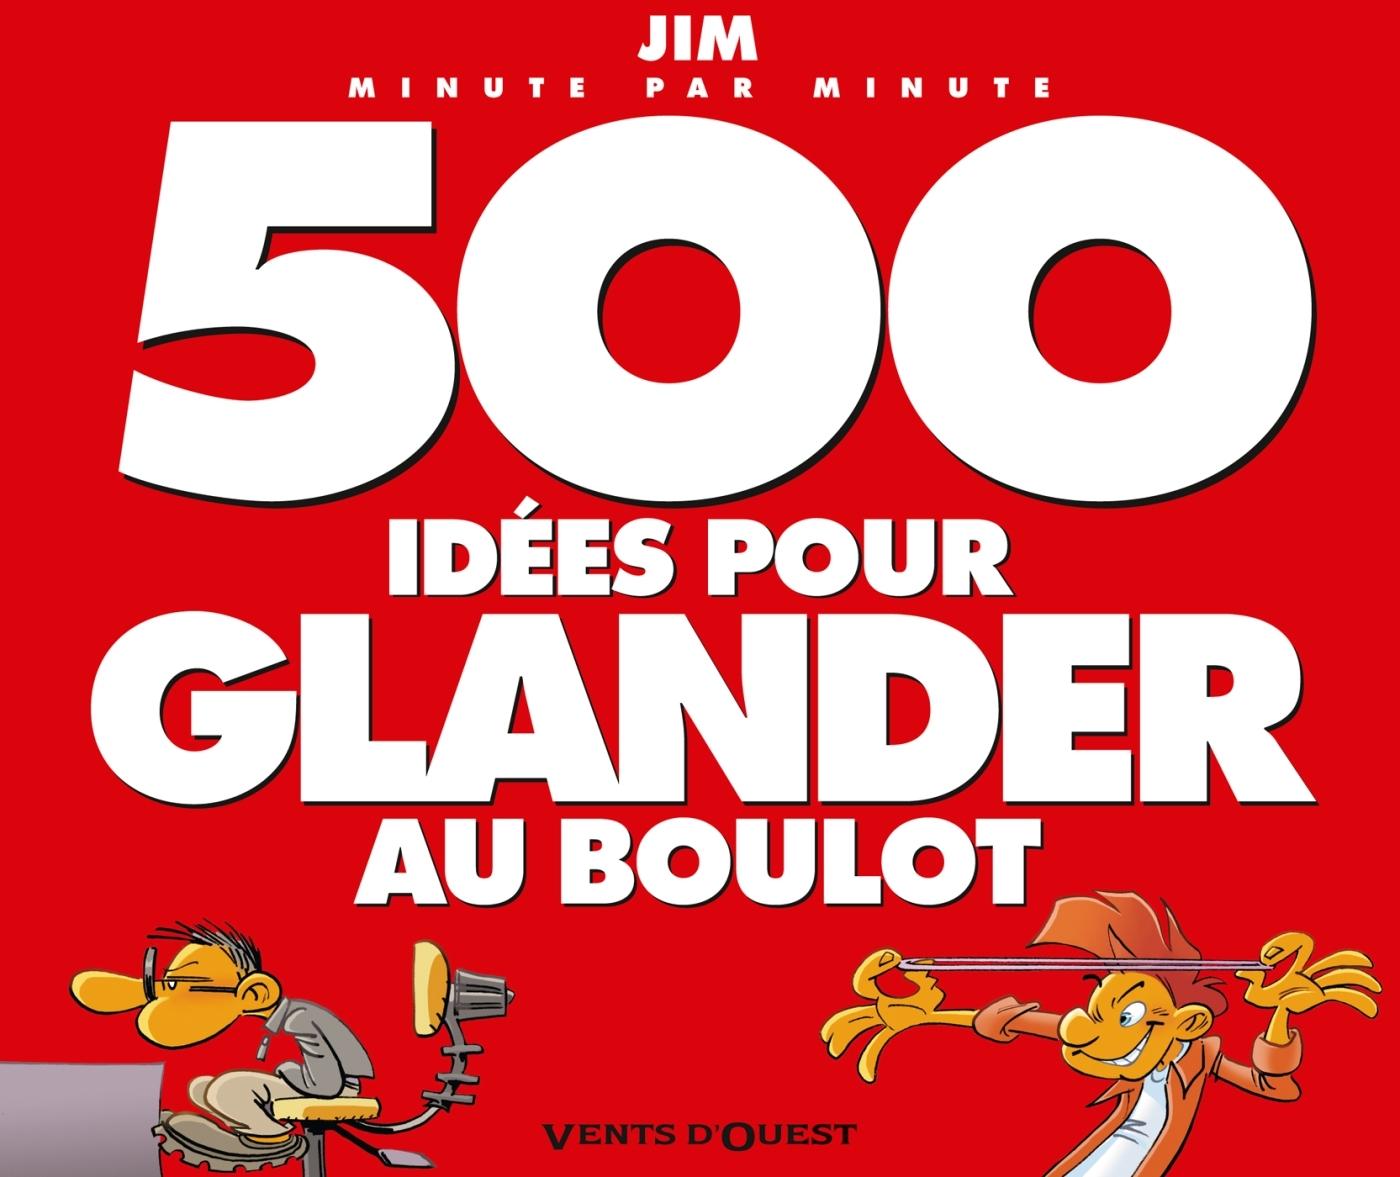 500 IDEES POUR GLANDER AU BOULOT NE